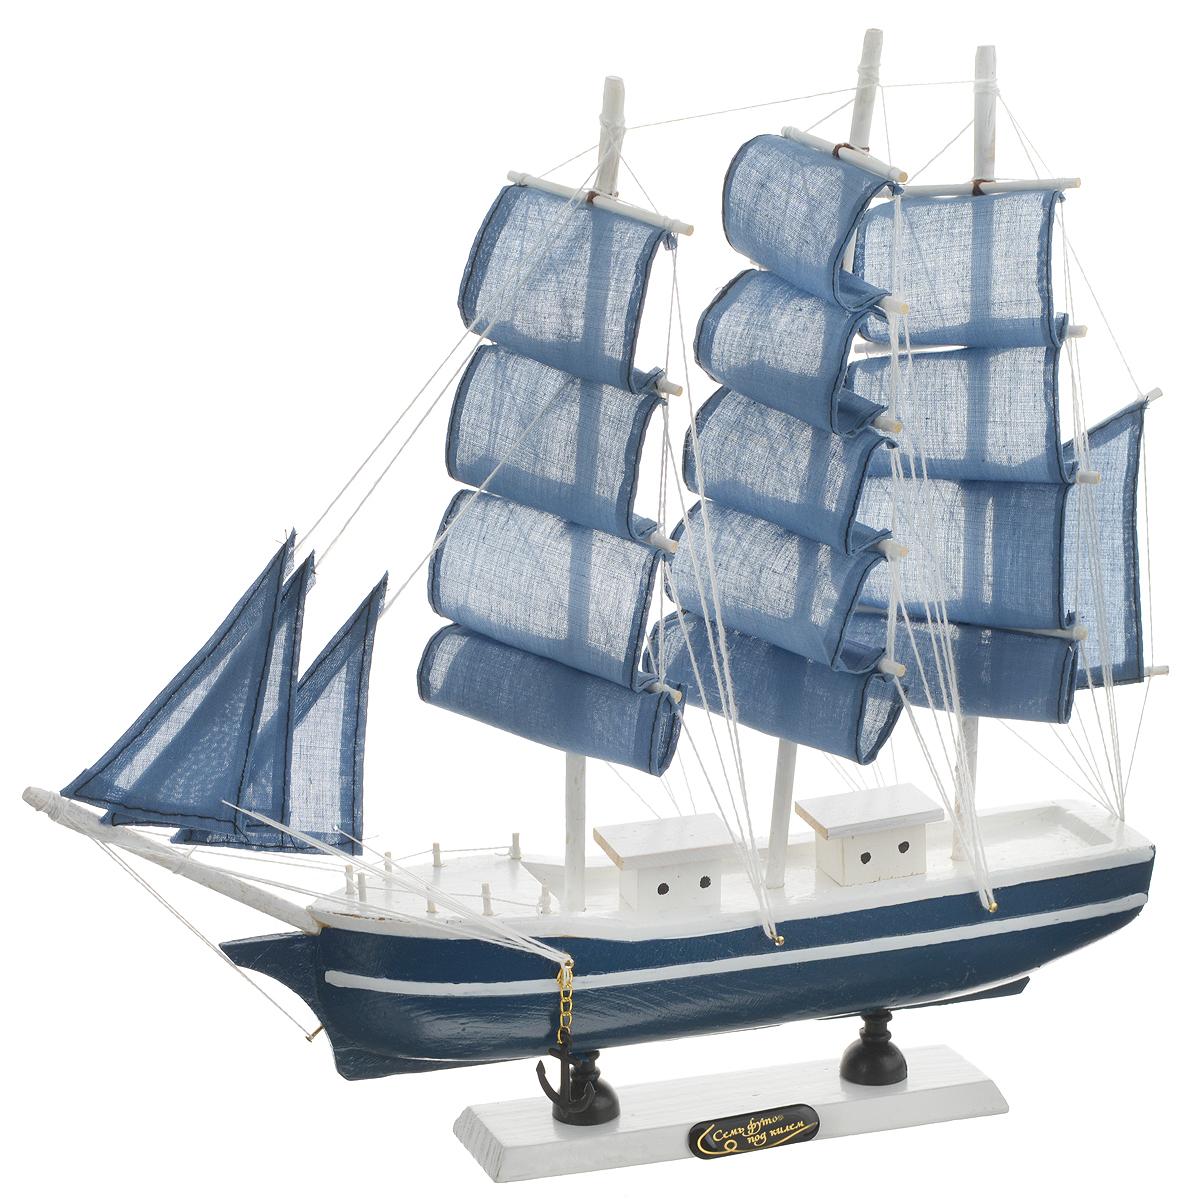 Корабль сувенирный Семь футов под килем, длина 32 см. 417208417208Сувенирный корабль Семь футов под килем, изготовленный из дерева и текстиля, это великолепный элемент декора рабочей зоны в офисе или кабинете. Корабль с парусами и якорями помещен на деревянную подставку. Время идет, и мы становимся свидетелями развития технического прогресса, новых учений и практик. Но одно не подвластно времени - это любовь человека к морю и кораблям. Сувенирный корабль наполнен историей и силой океанских вод. Данная модель кораблика станет отличным подарком для всех любителей морей, поклонников историй о покорении океанов и неизведанных земель. Модель корабля - подарок со смыслом. Издавна на Руси считалось, что корабли приносят удачу и везение. Поэтому их изображения, фигурки и точные копии всегда присутствовали в помещениях. Удивите себя и своих близких необычным презентом.